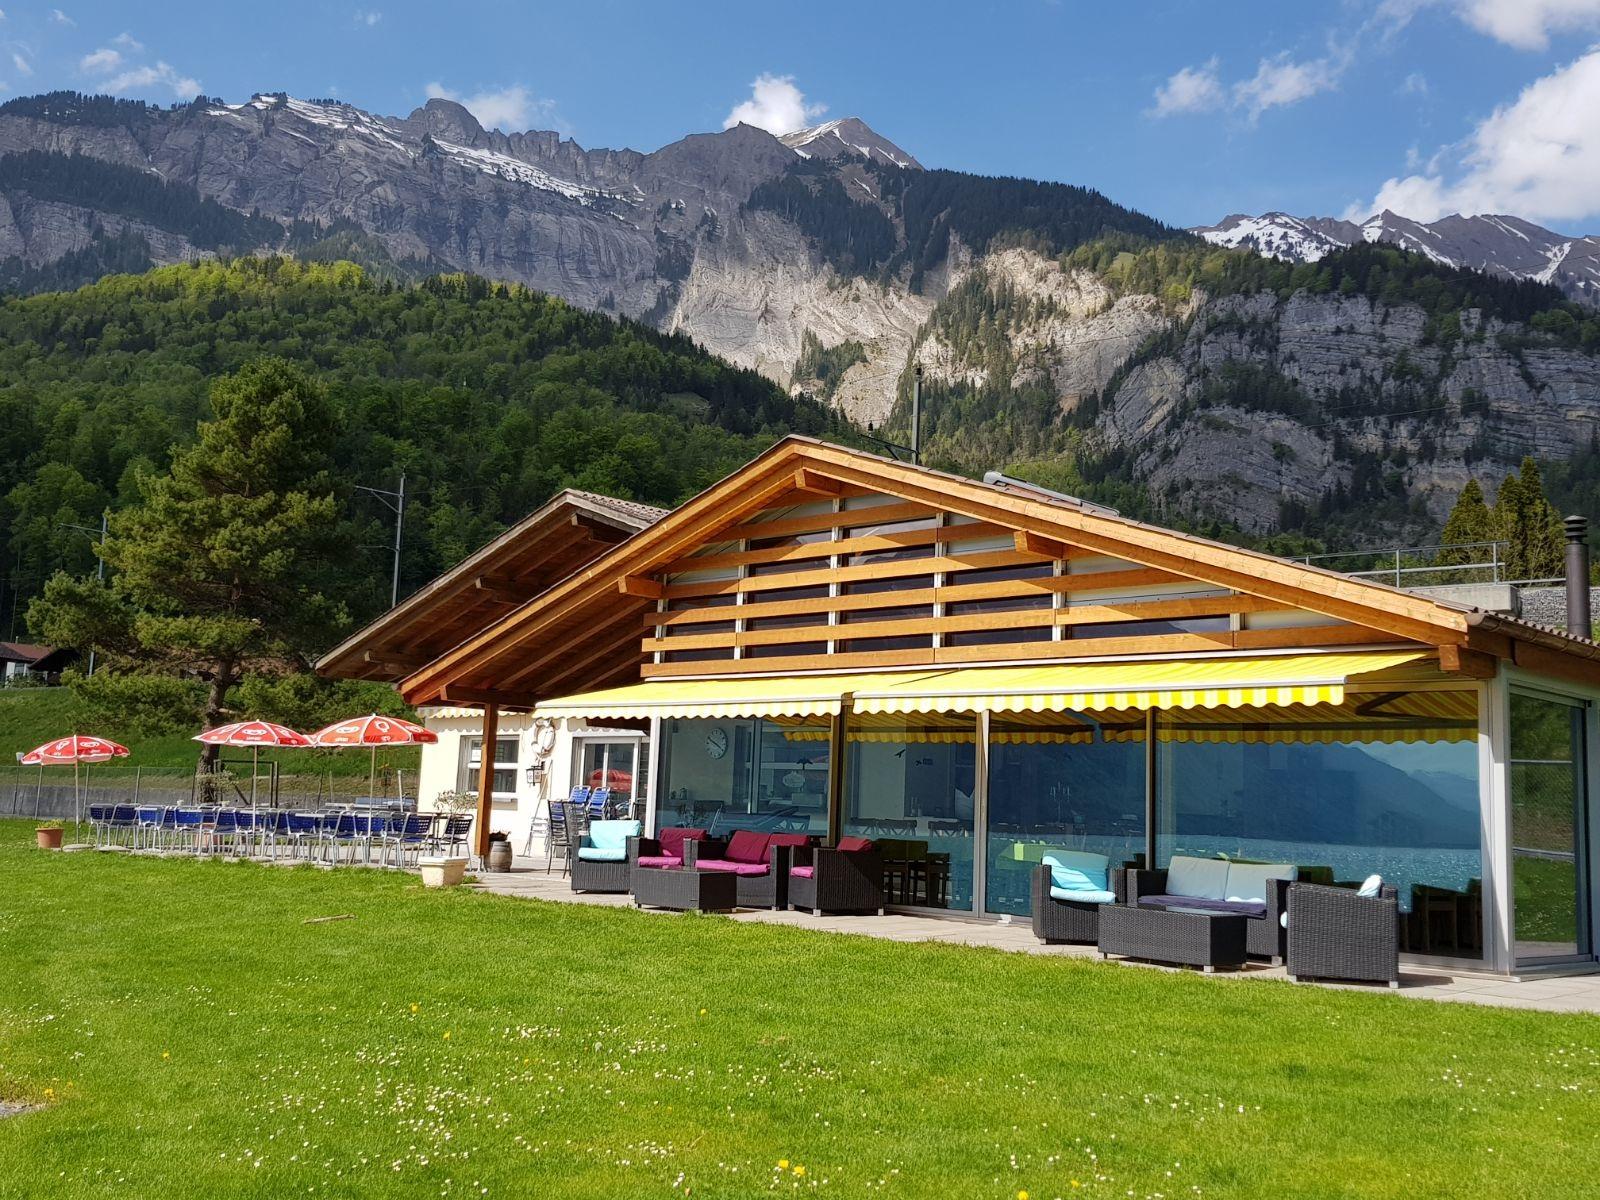 brienz-strandbad-restaurant-essen-trinken-sommer-baden